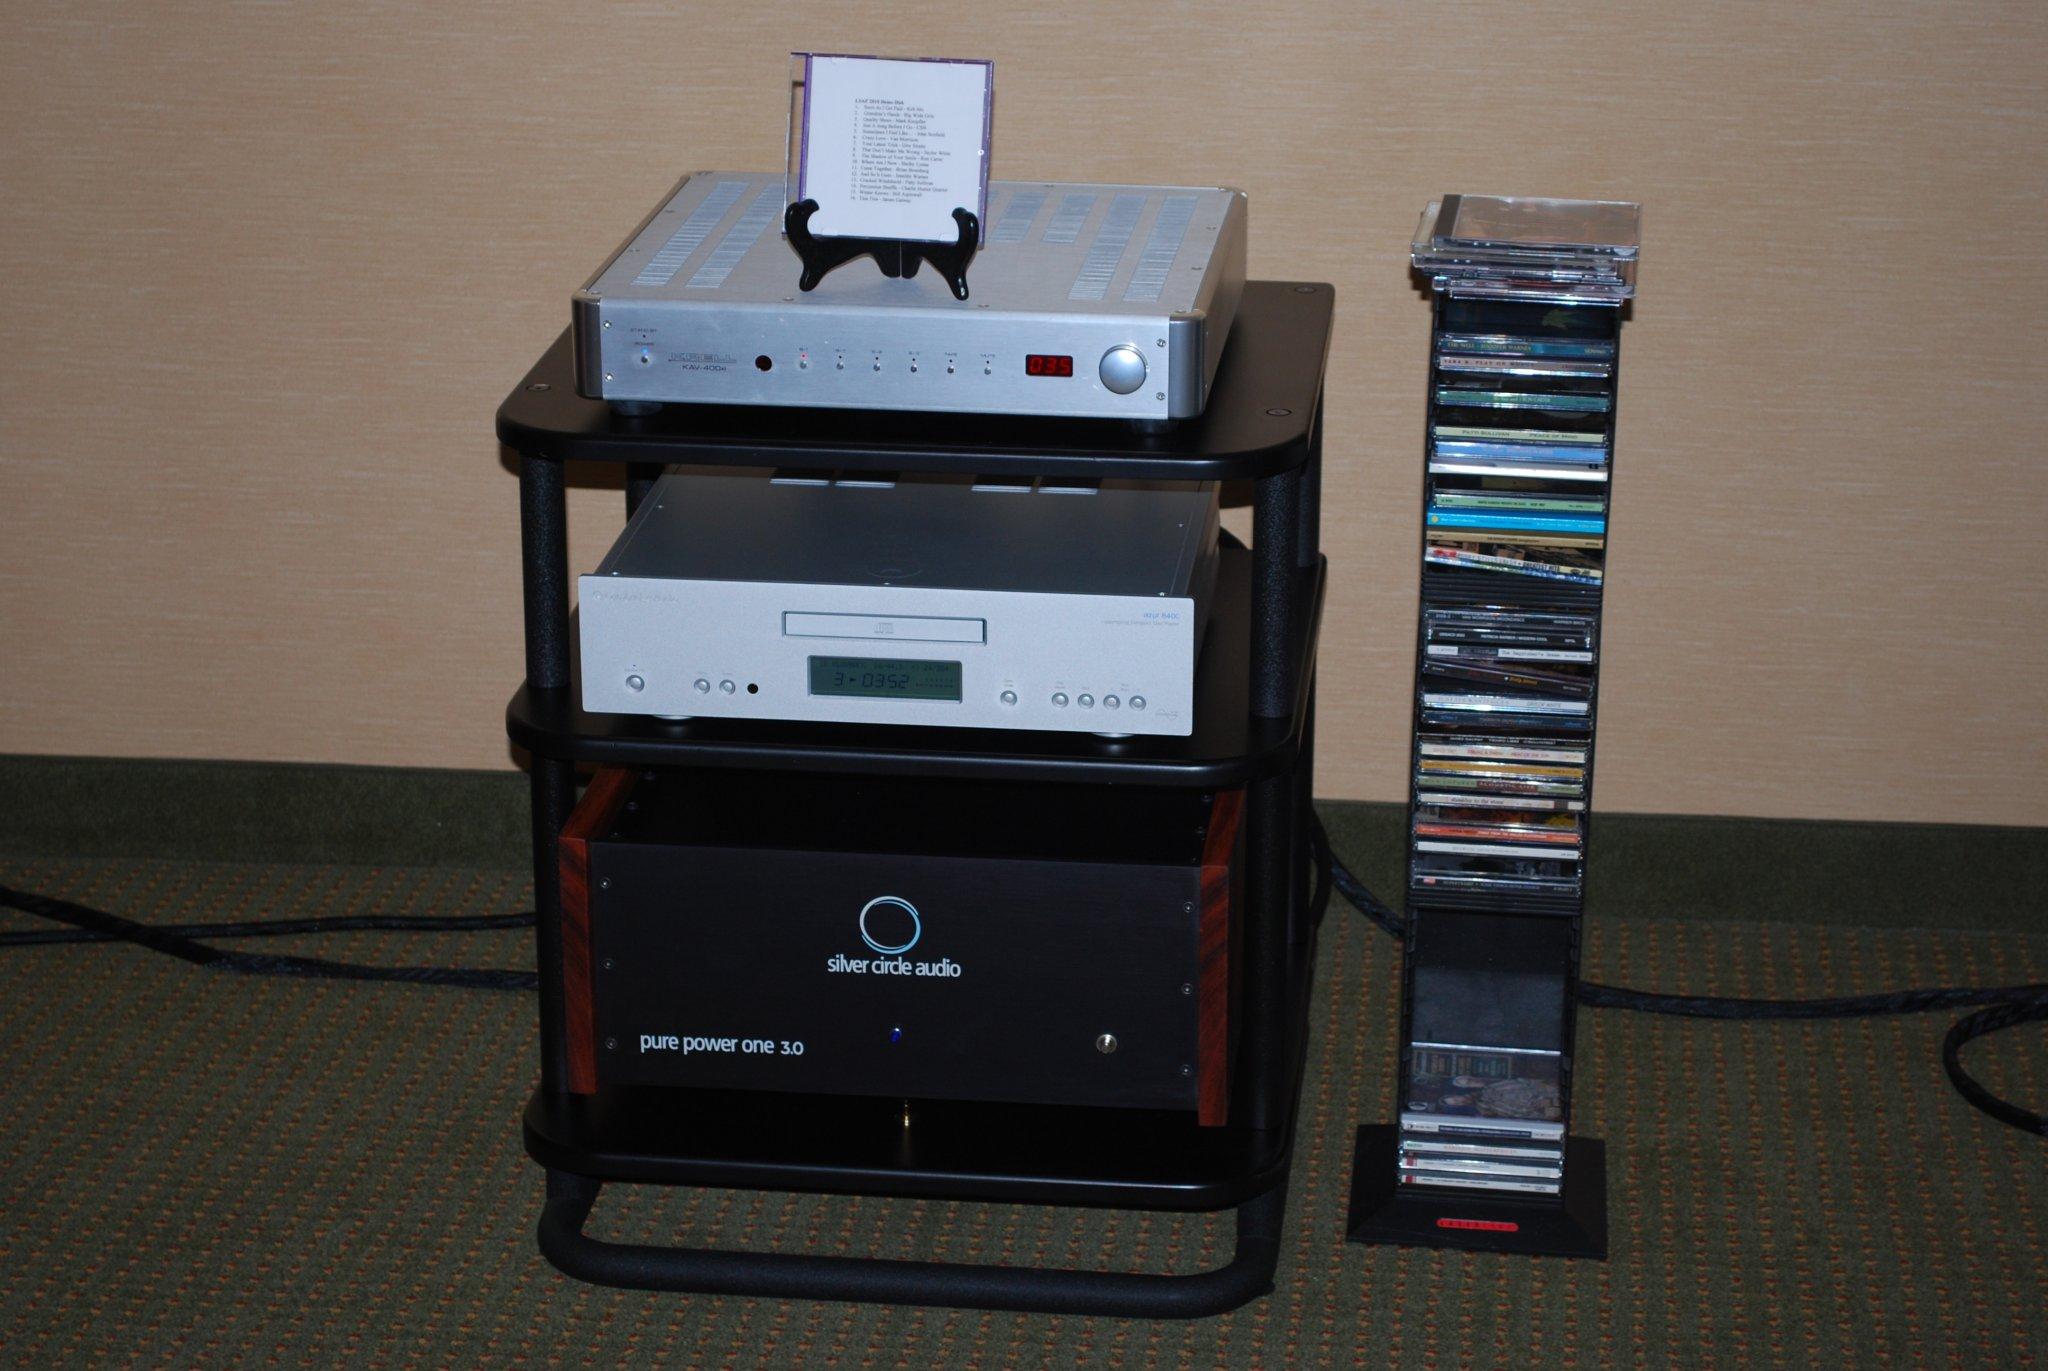 http://lonestaraudiofest.com/2010/Photos/Dsc_0063.jpg